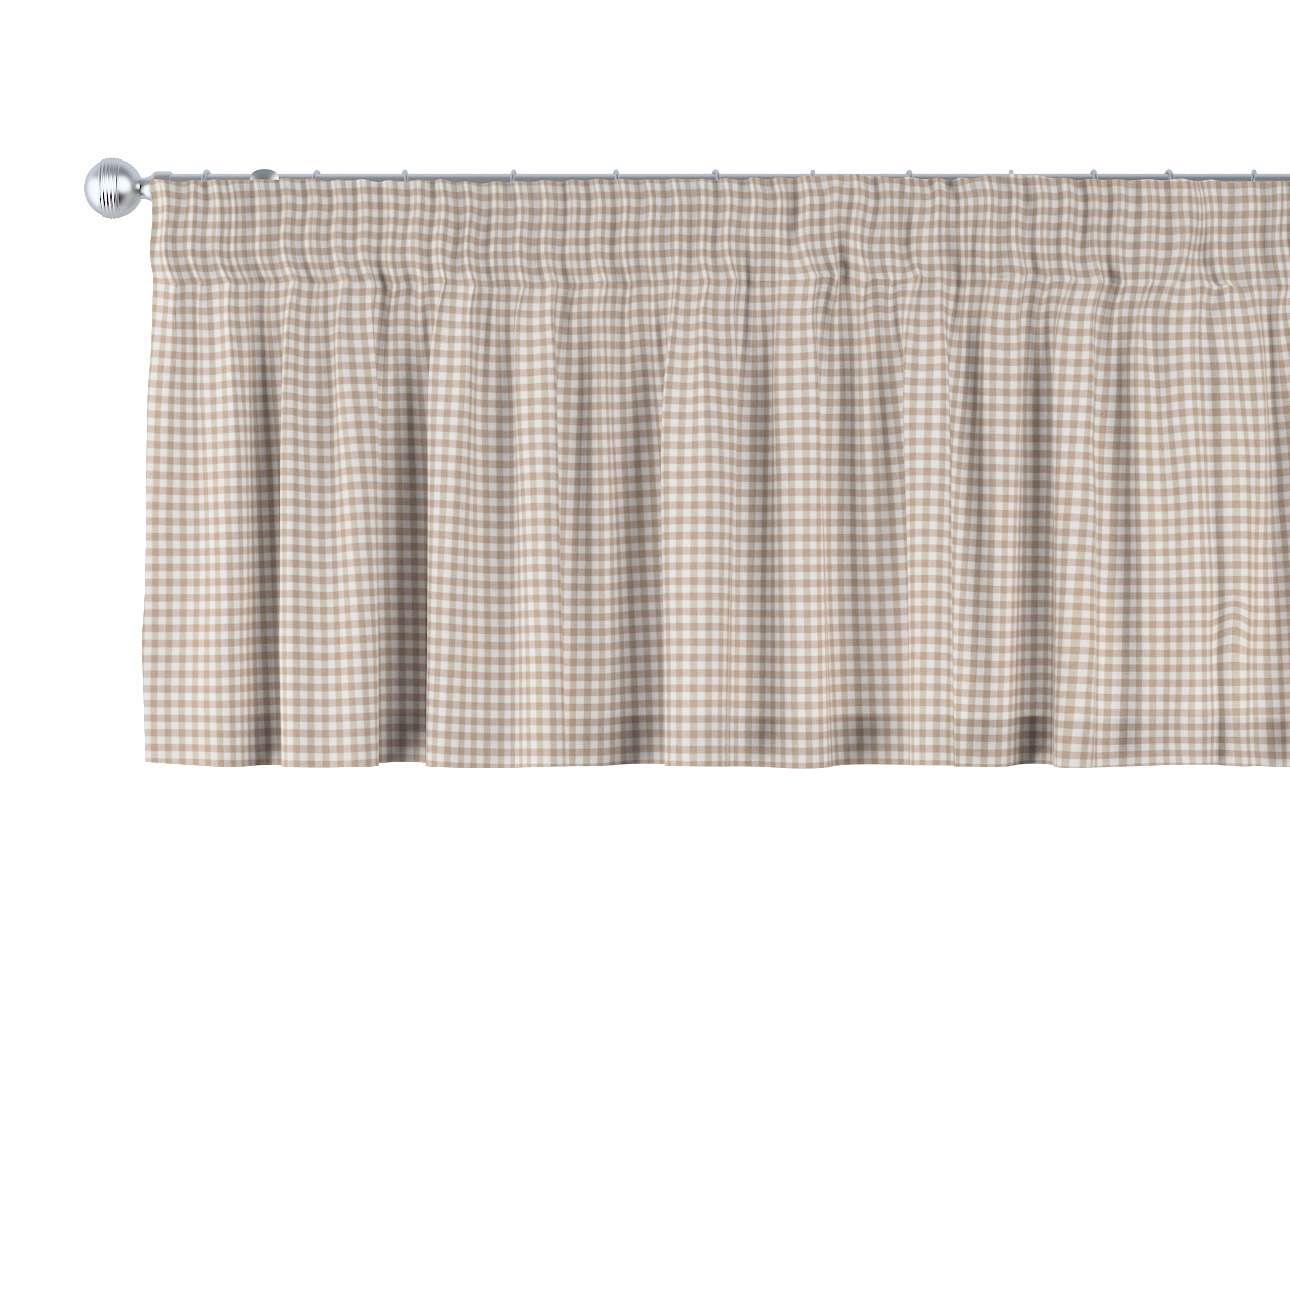 Lambrekin na taśmie marszczącej 130 x 40 cm w kolekcji Quadro, tkanina: 136-05